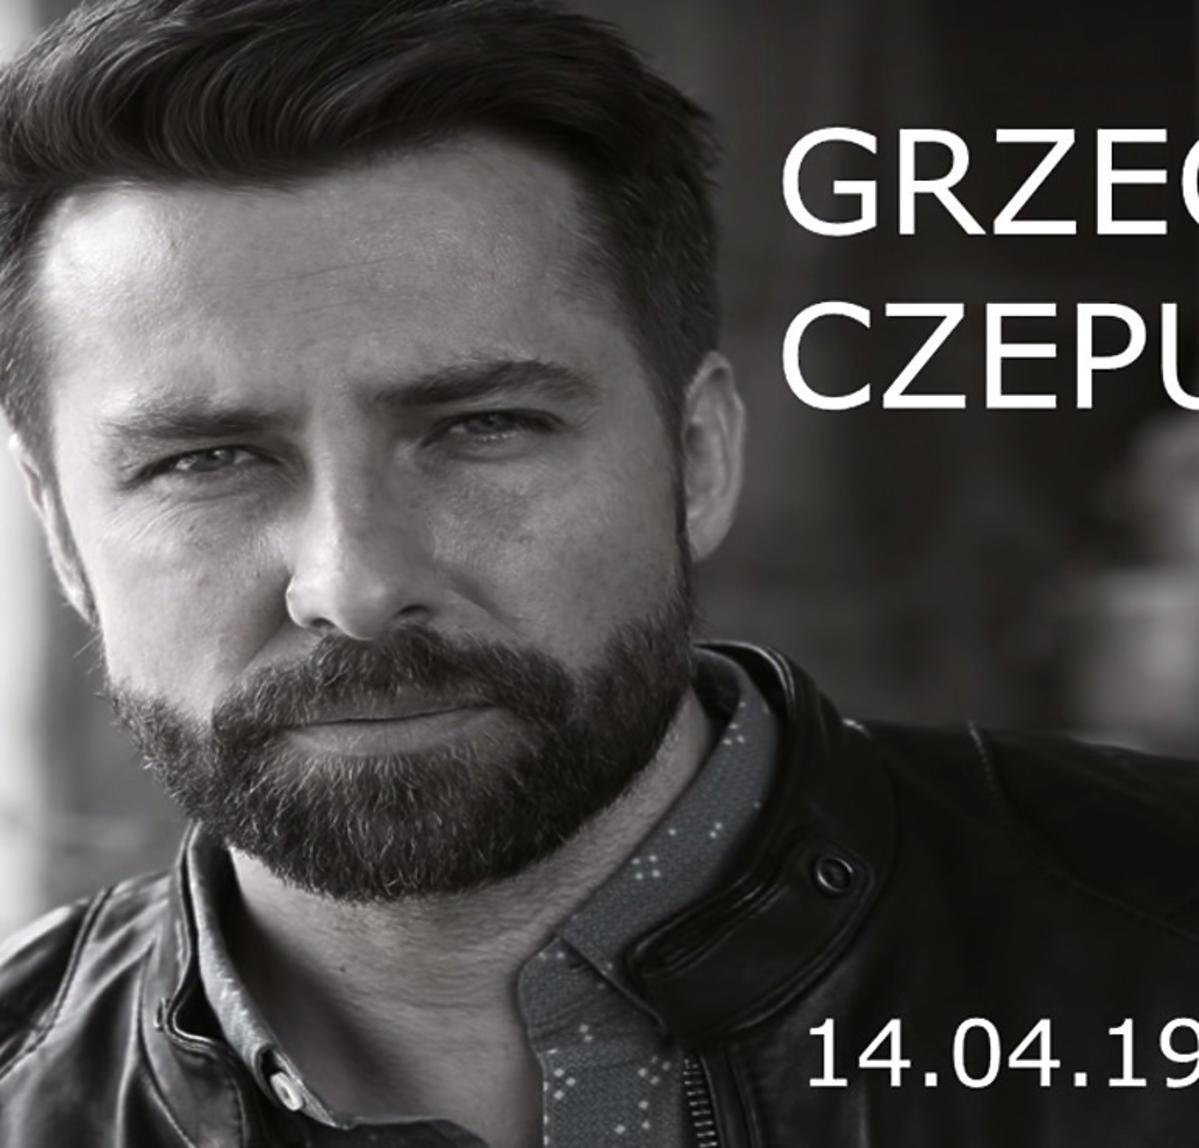 Na co zmarł Grzegorz Czepułkowski?